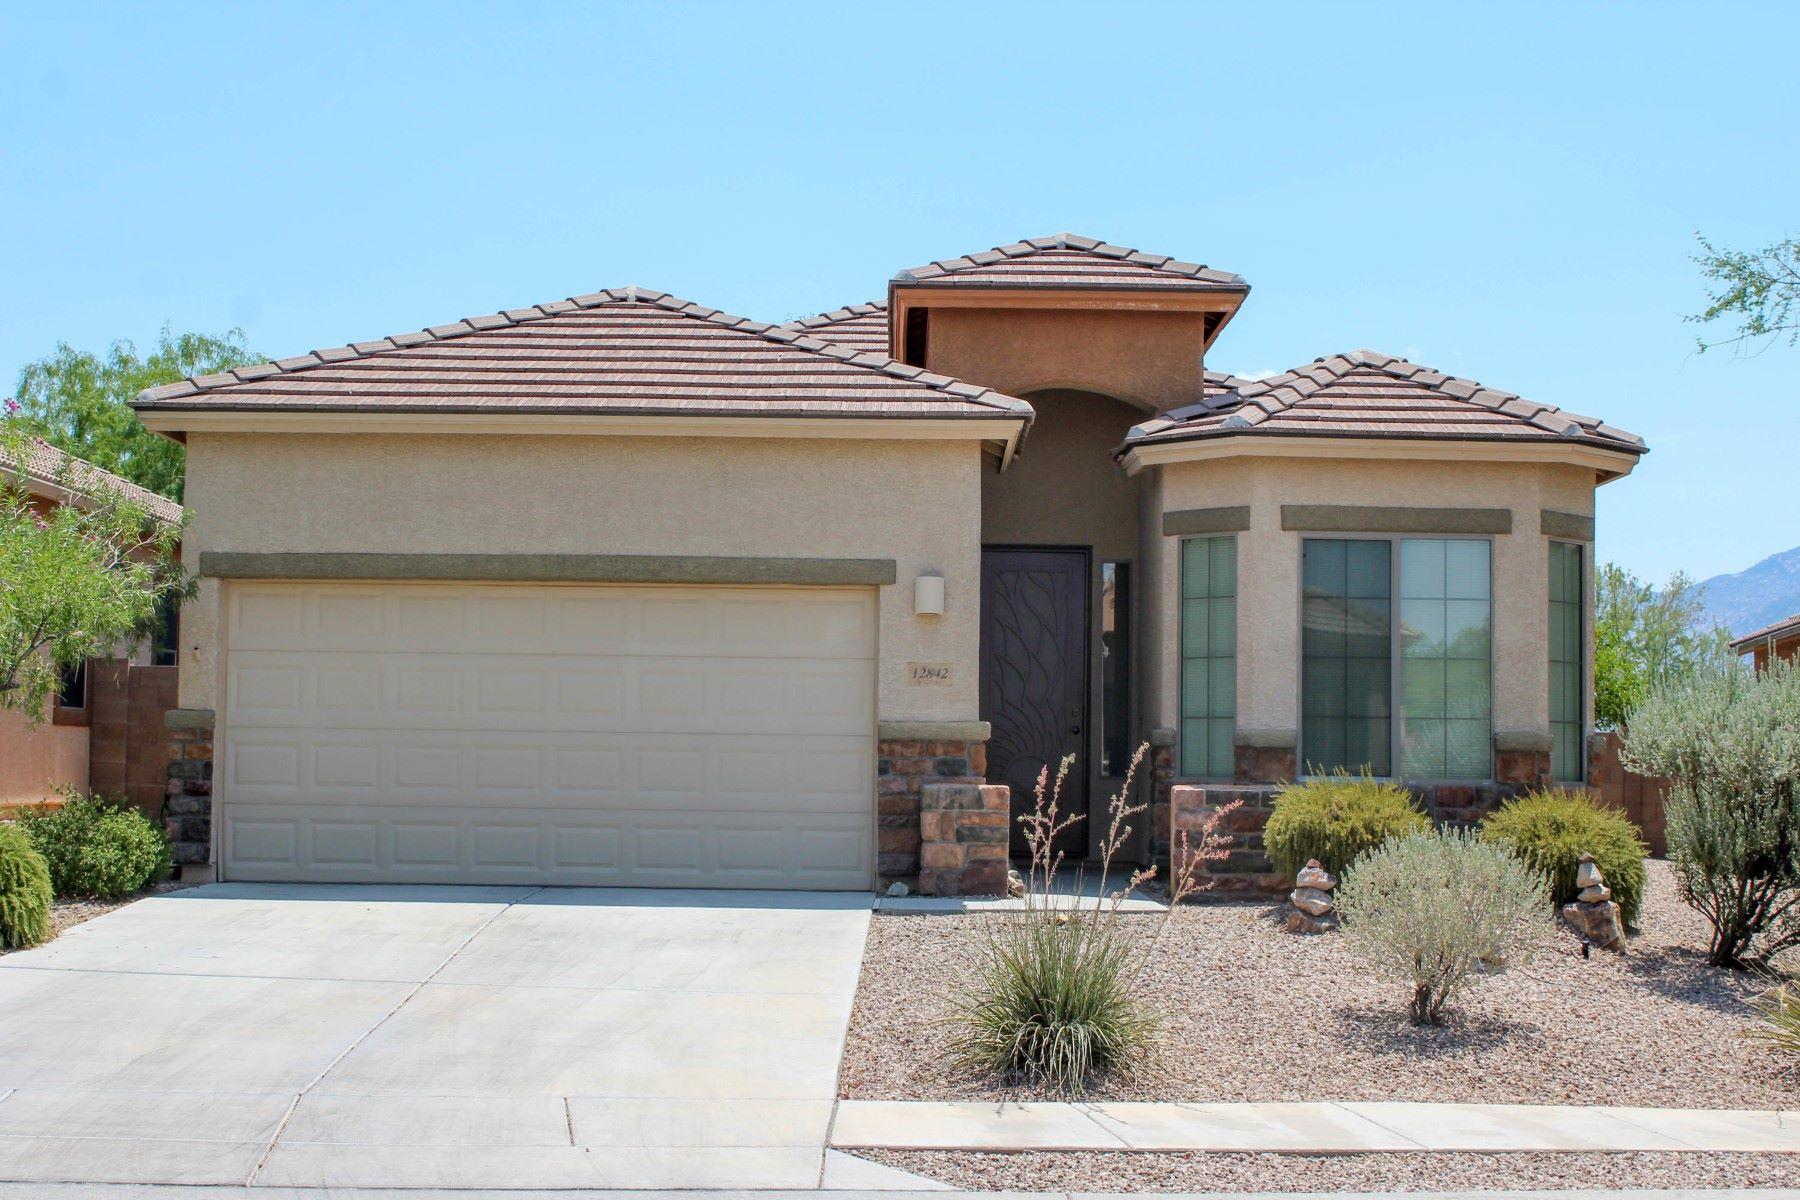 Частный односемейный дом для того Продажа на Rancho Vistoso 12842 N. Westminster Dr. Oro Valley, Аризона, 85755 Соединенные Штаты